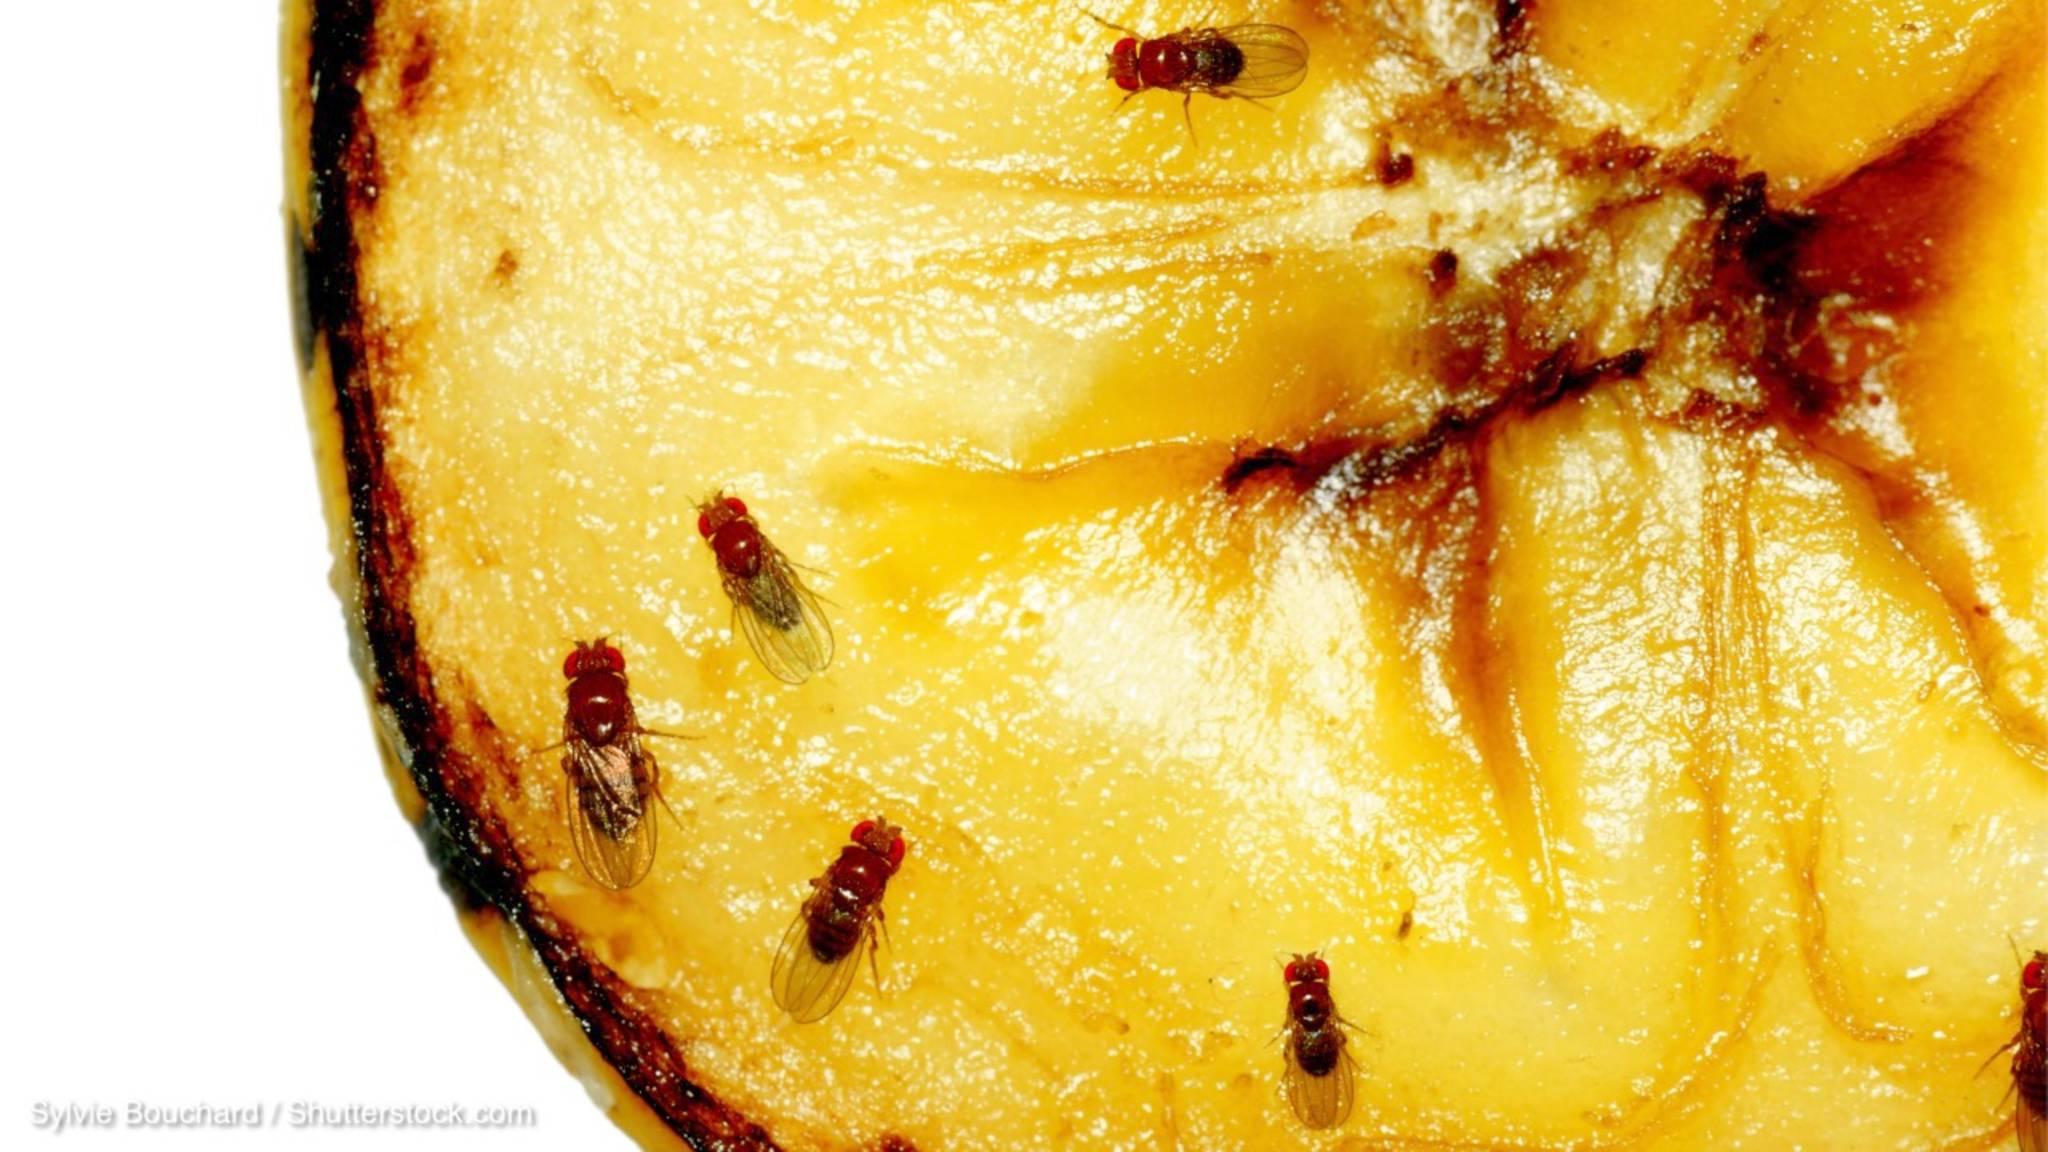 wie bekomme ich fruchtfliegen weg